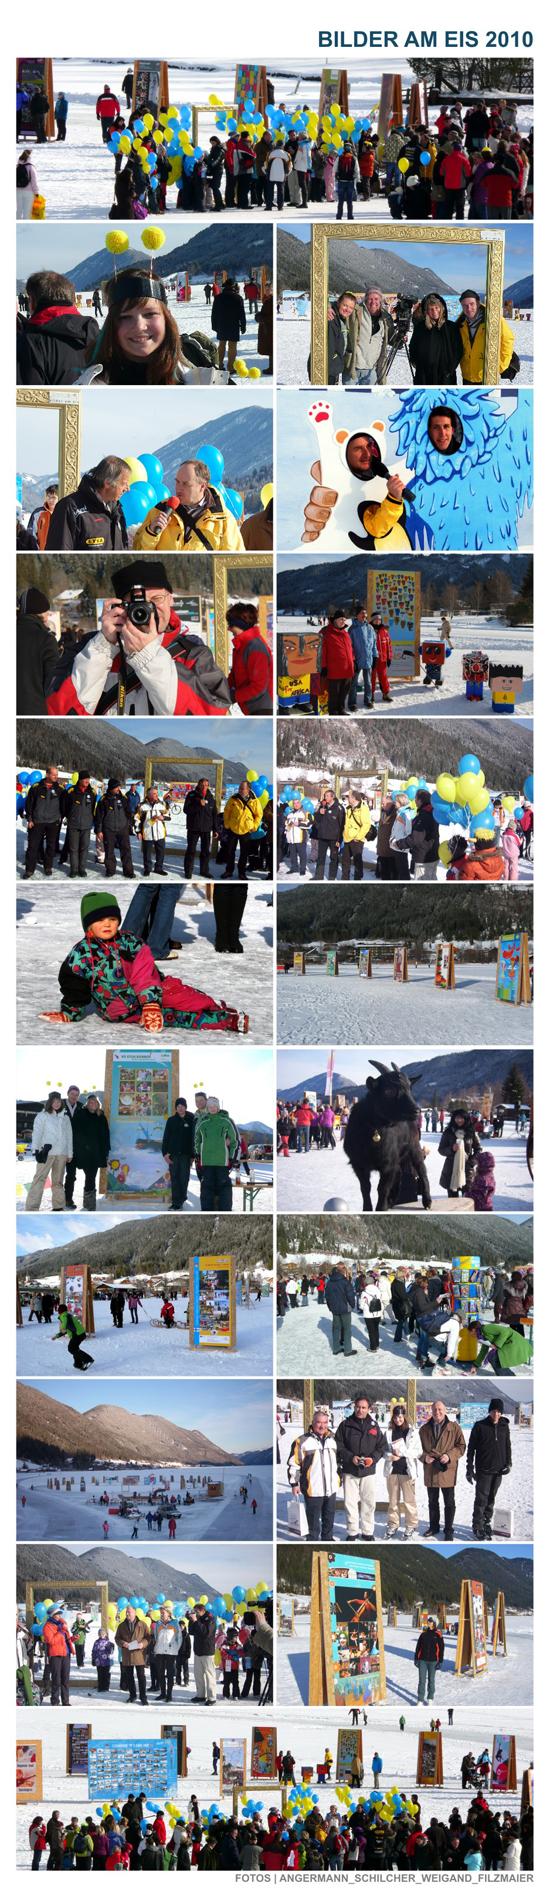 Bilder am Eis 2010 Vernissage